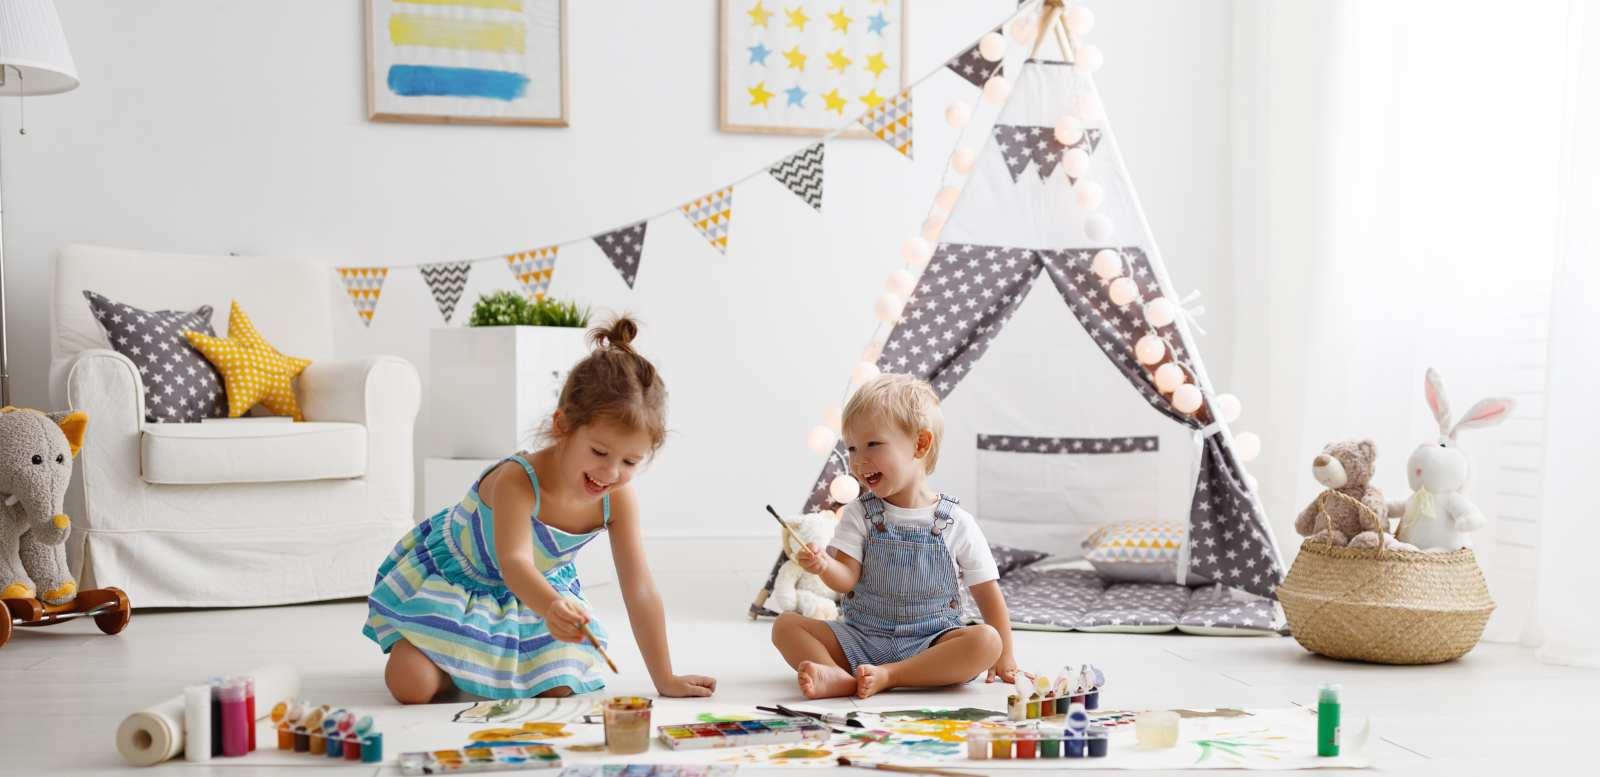 Comment meubler une chambre d'enfant